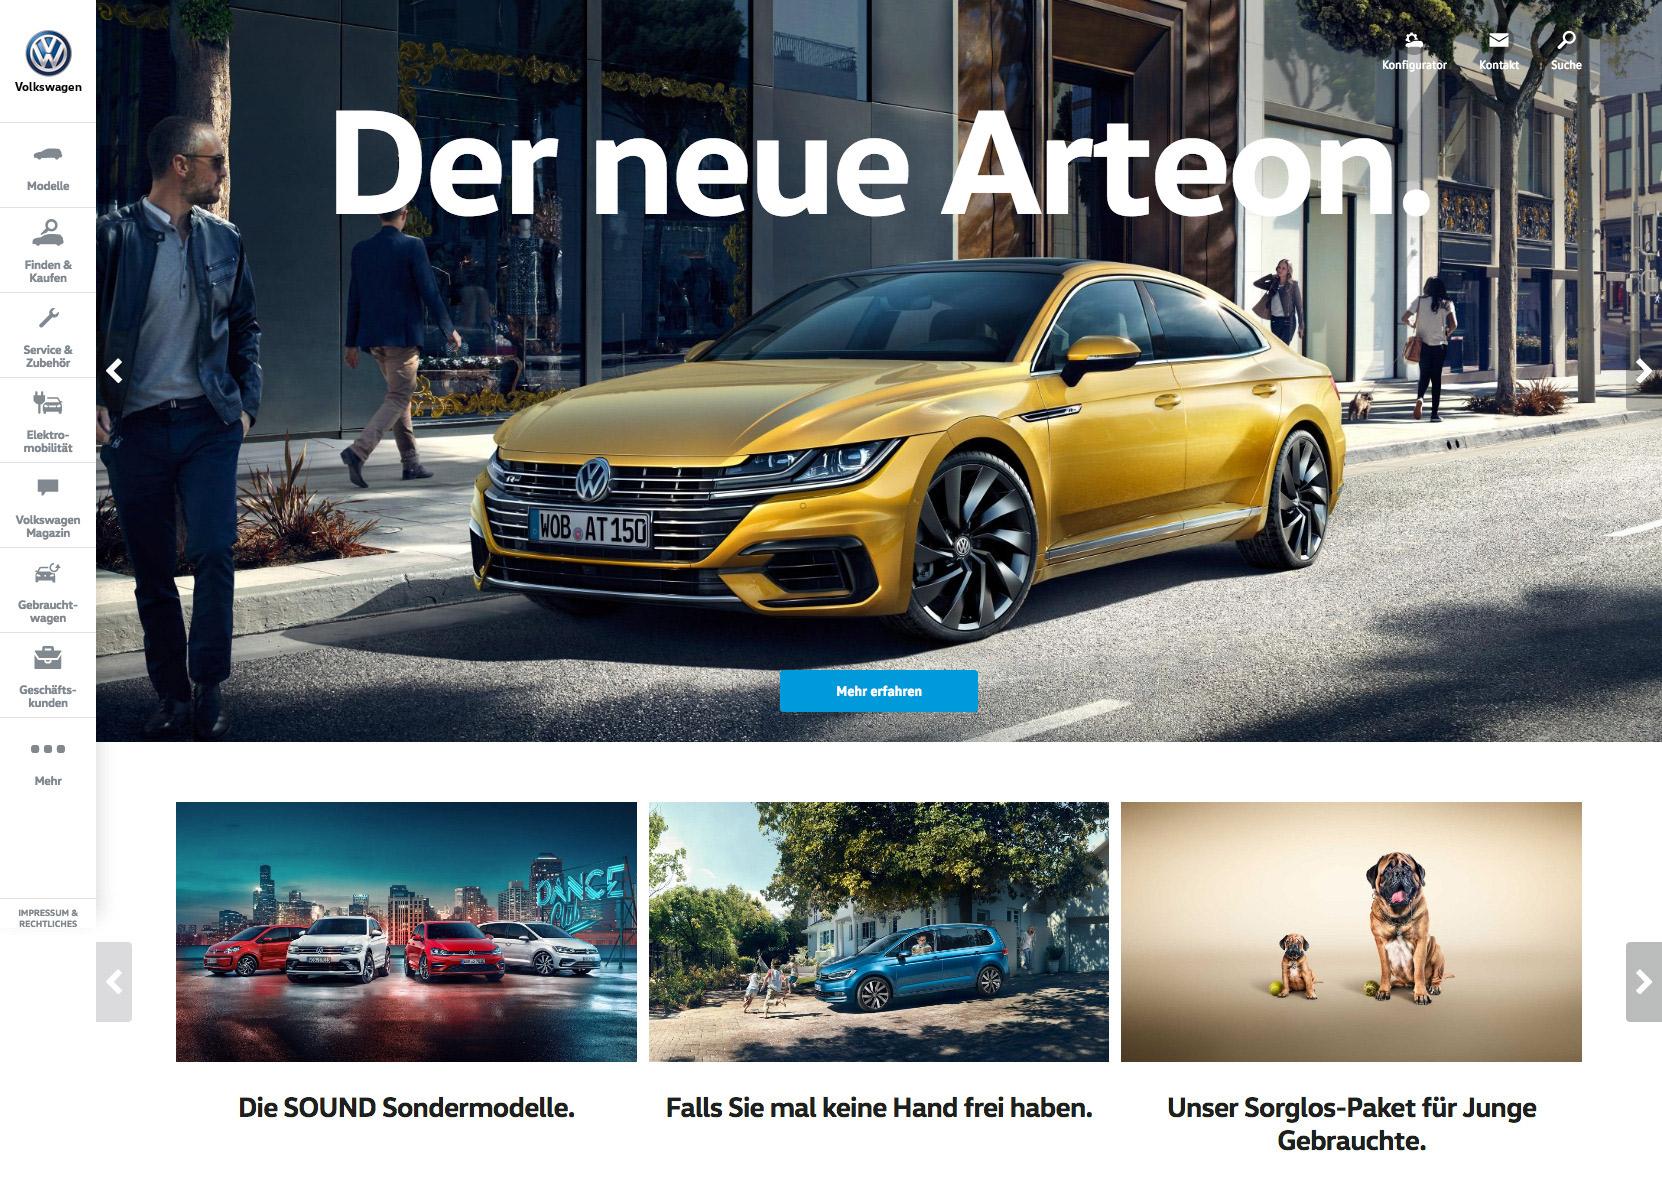 Volkswagen.de